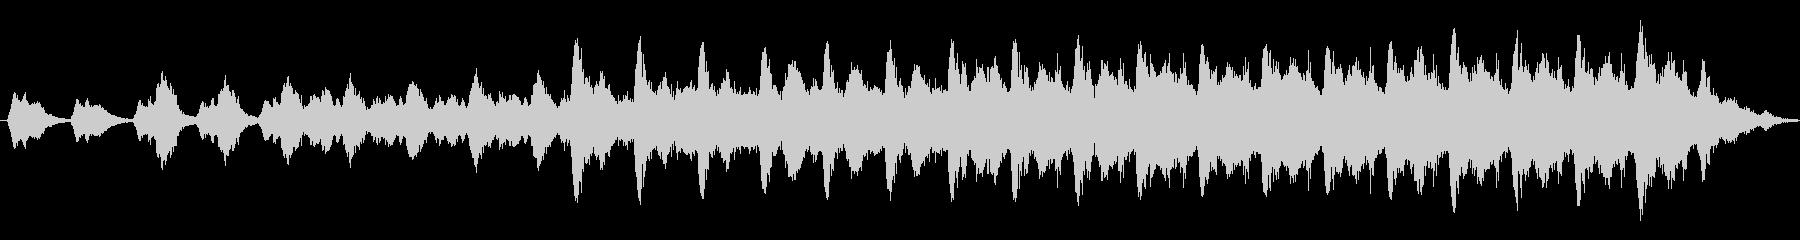 機械音 不気味な音 終末を感じさせる音の未再生の波形